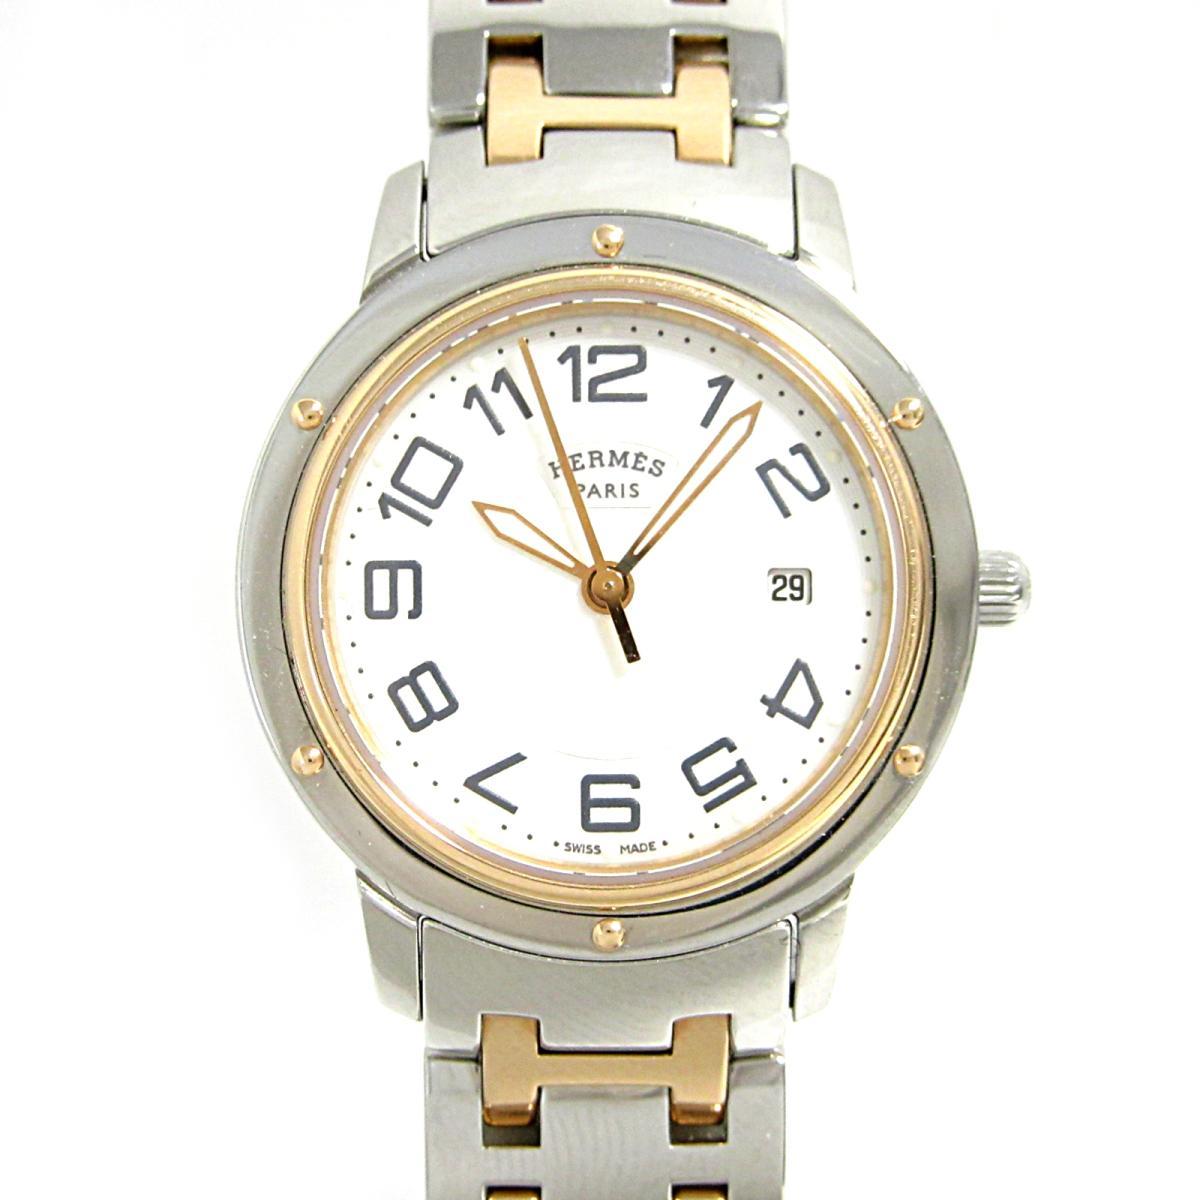 【中古】エルメス クリッパークラシック 腕時計 ウォッチ レディース 時計 レディース ステンレススチール(SS)×PGGP (CP1.321)